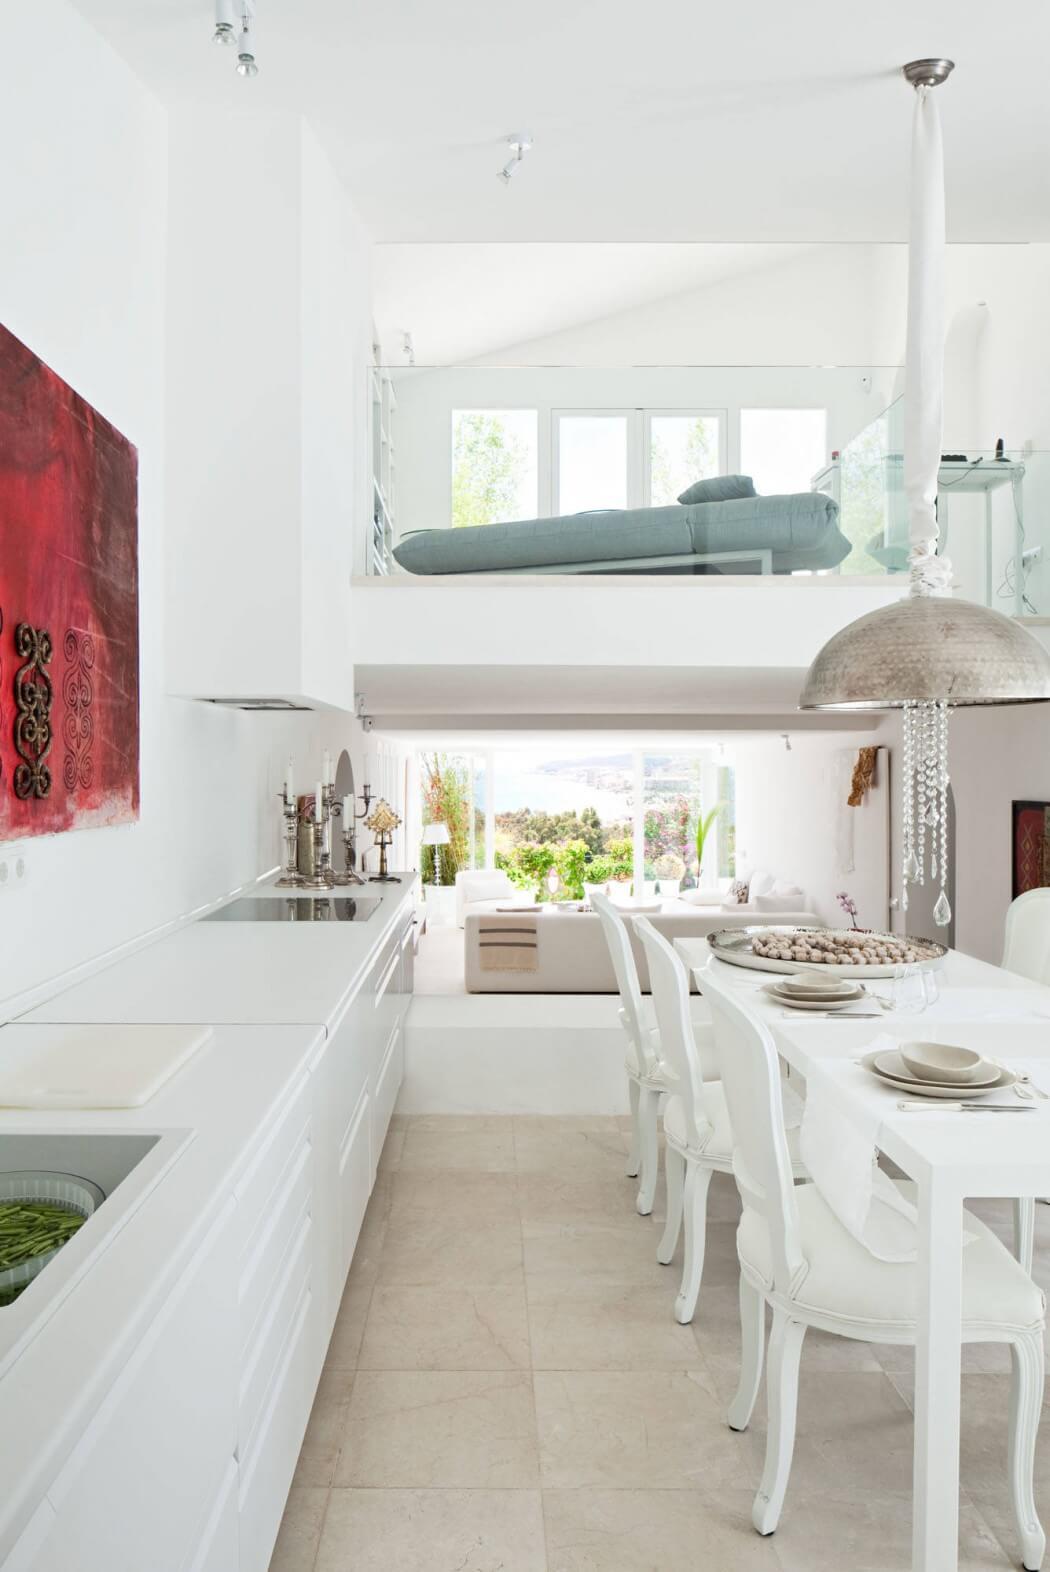 6 11 - Villa Mandarina: Paraíso blanco en Casares (Costa del Sol) lleno de encanto, luz y mar